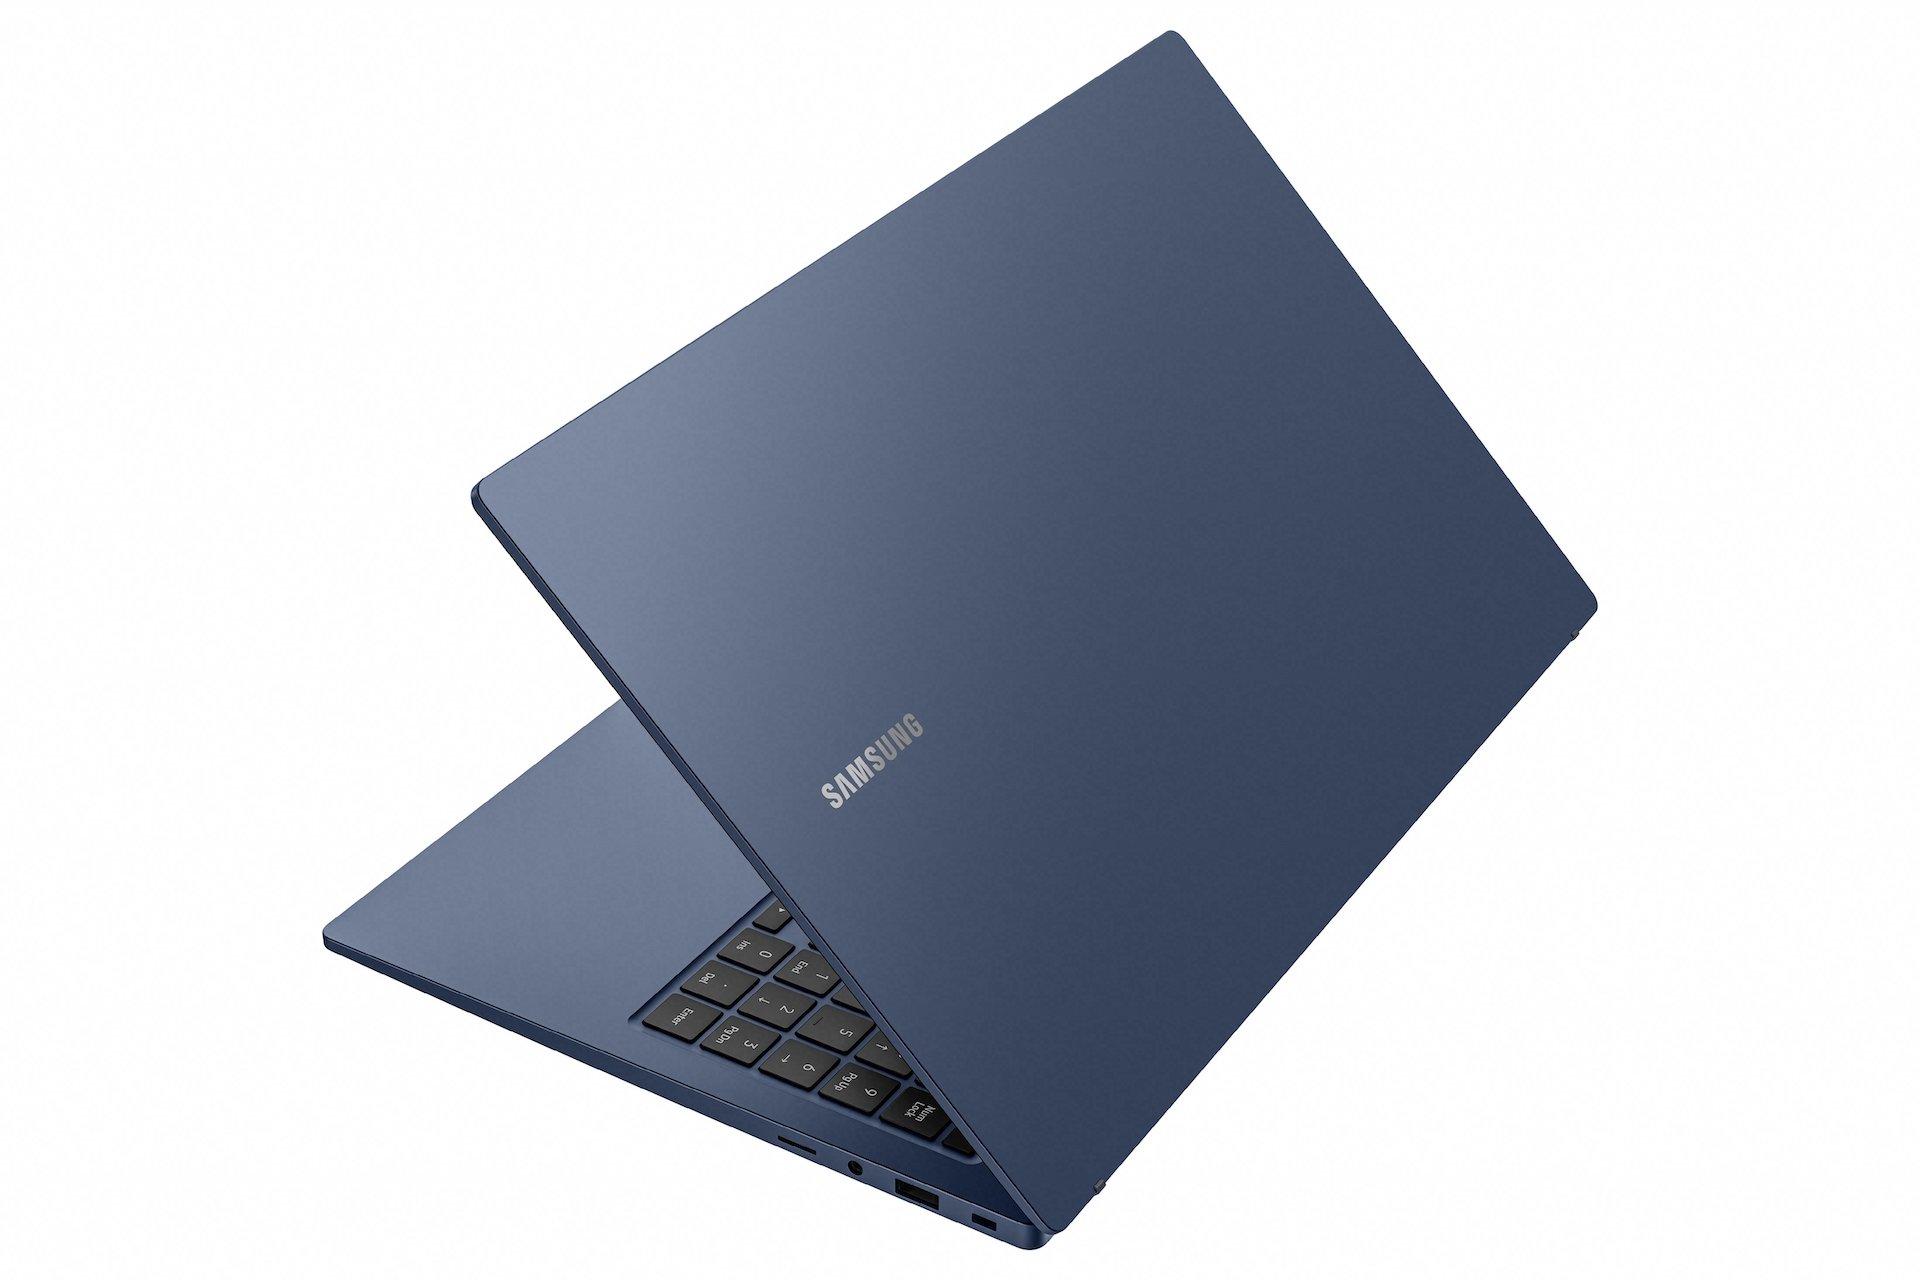 لپتاپ جدید سامسونگ با پردازنده Alder Lake اینتل و رم DDR5 رویت شد